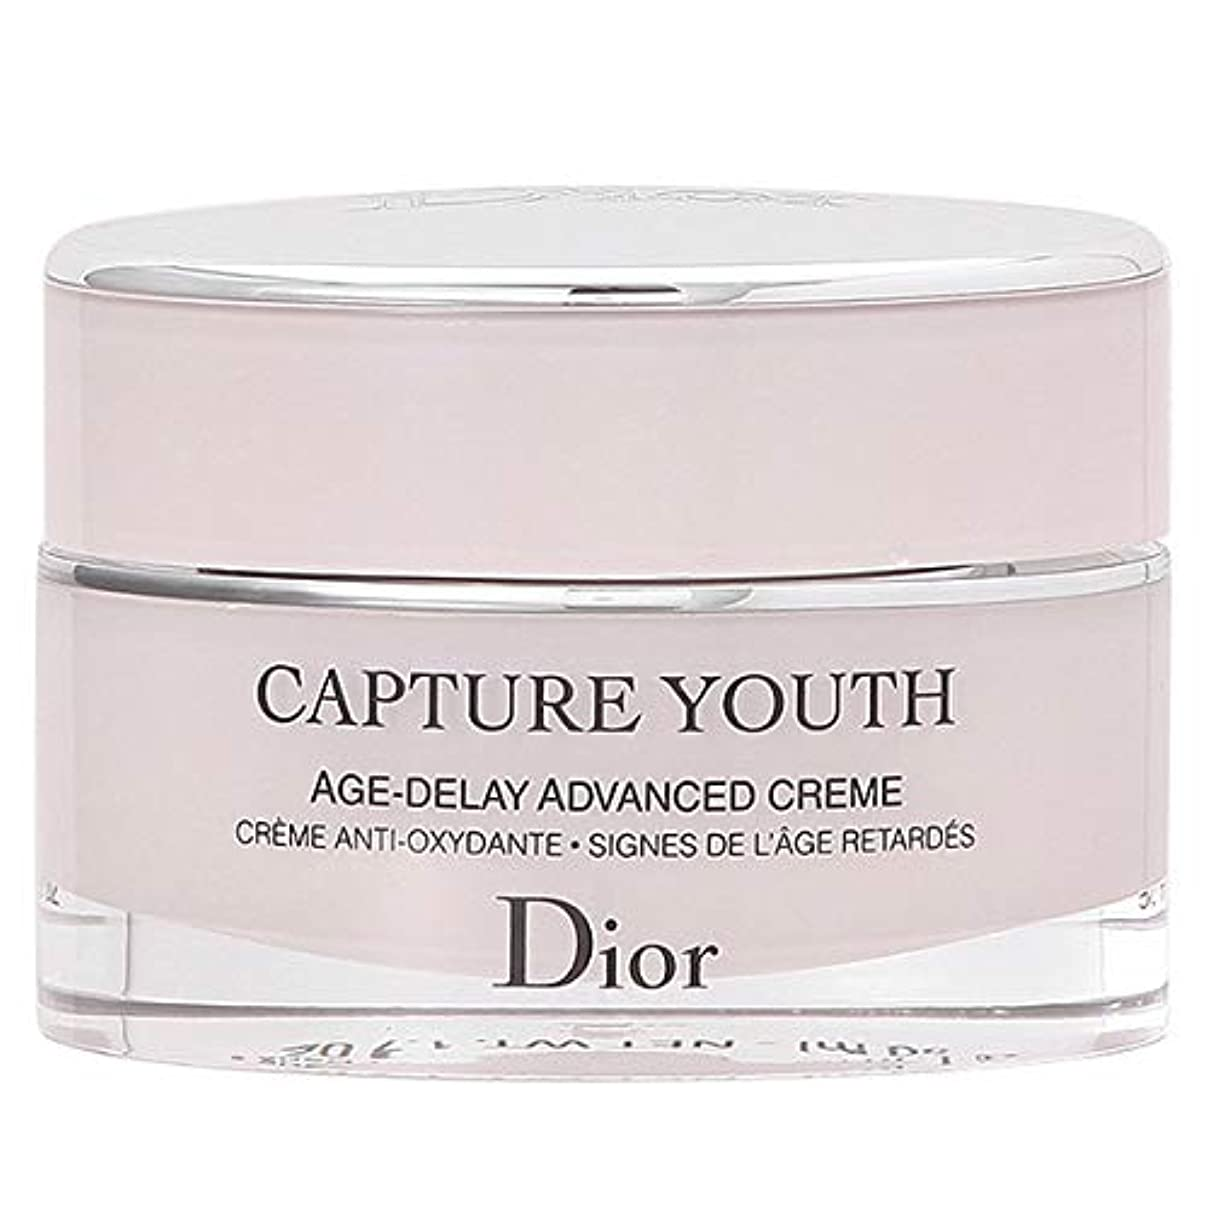 スクリュー原因広まったクリスチャンディオール Christian Dior カプチュール ユース 50mL [並行輸入品]